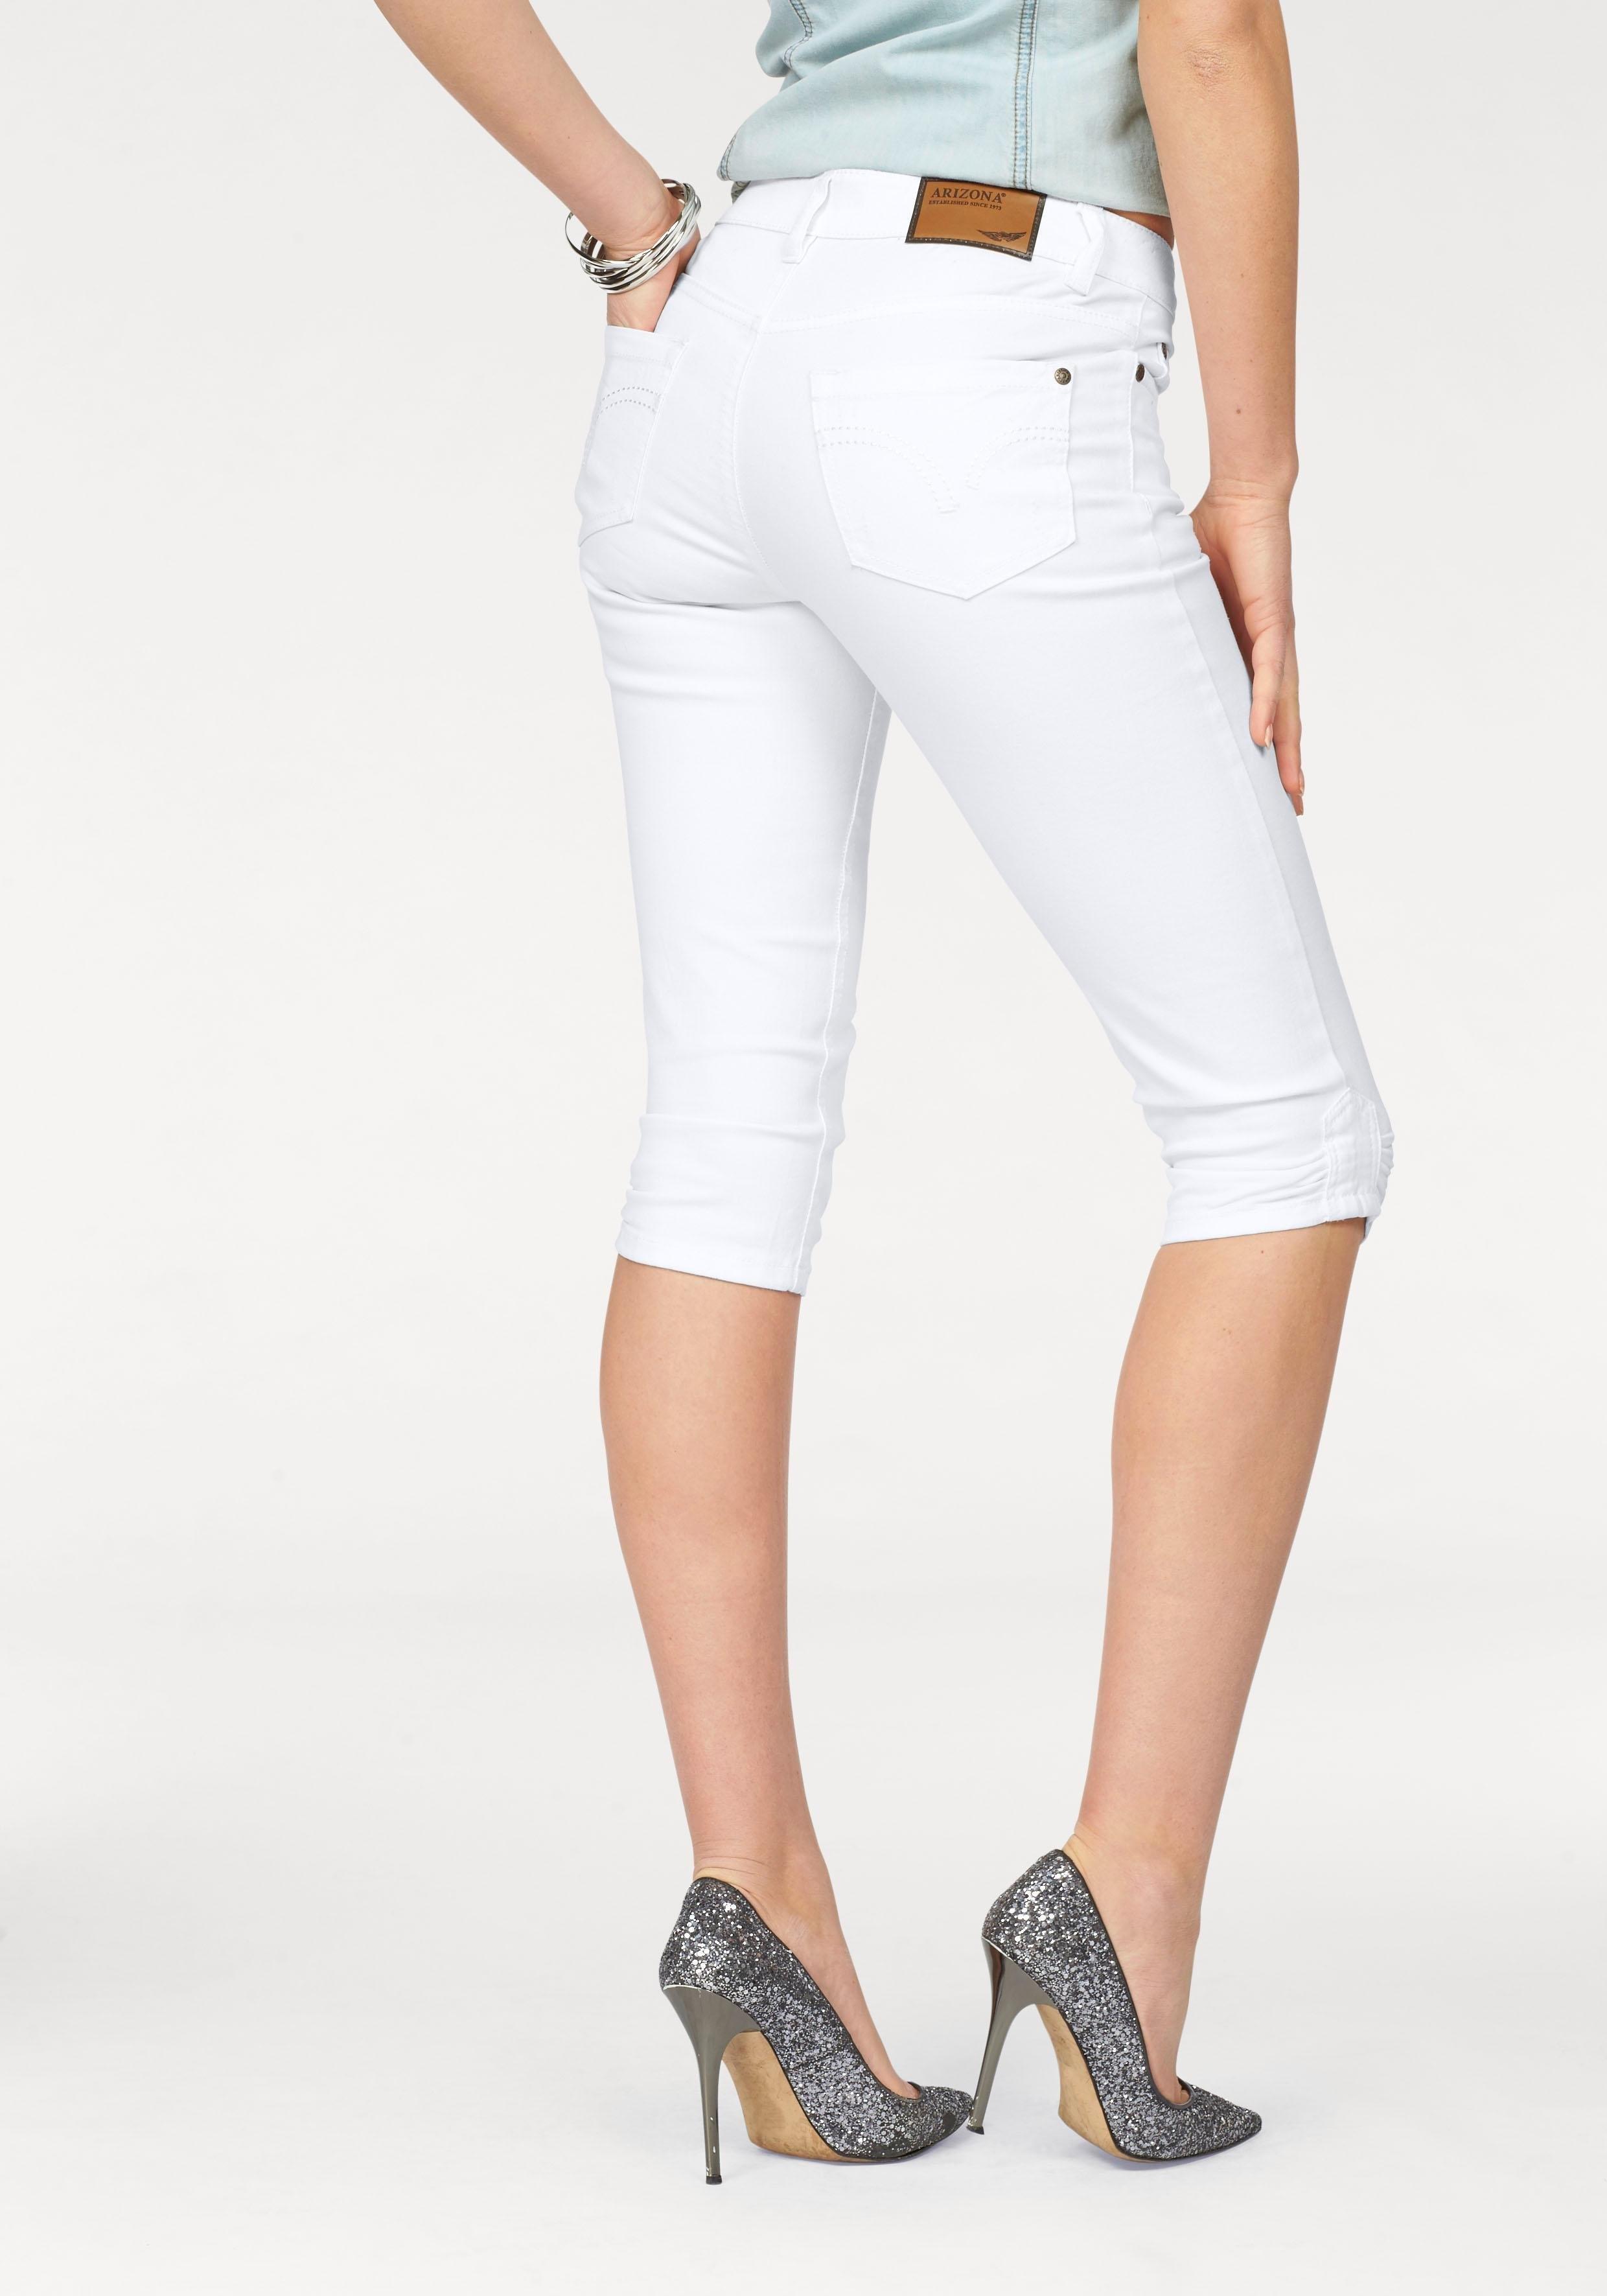 ARIZONA Capri-jeans met aanrimpelingen - gratis ruilen op otto.nl